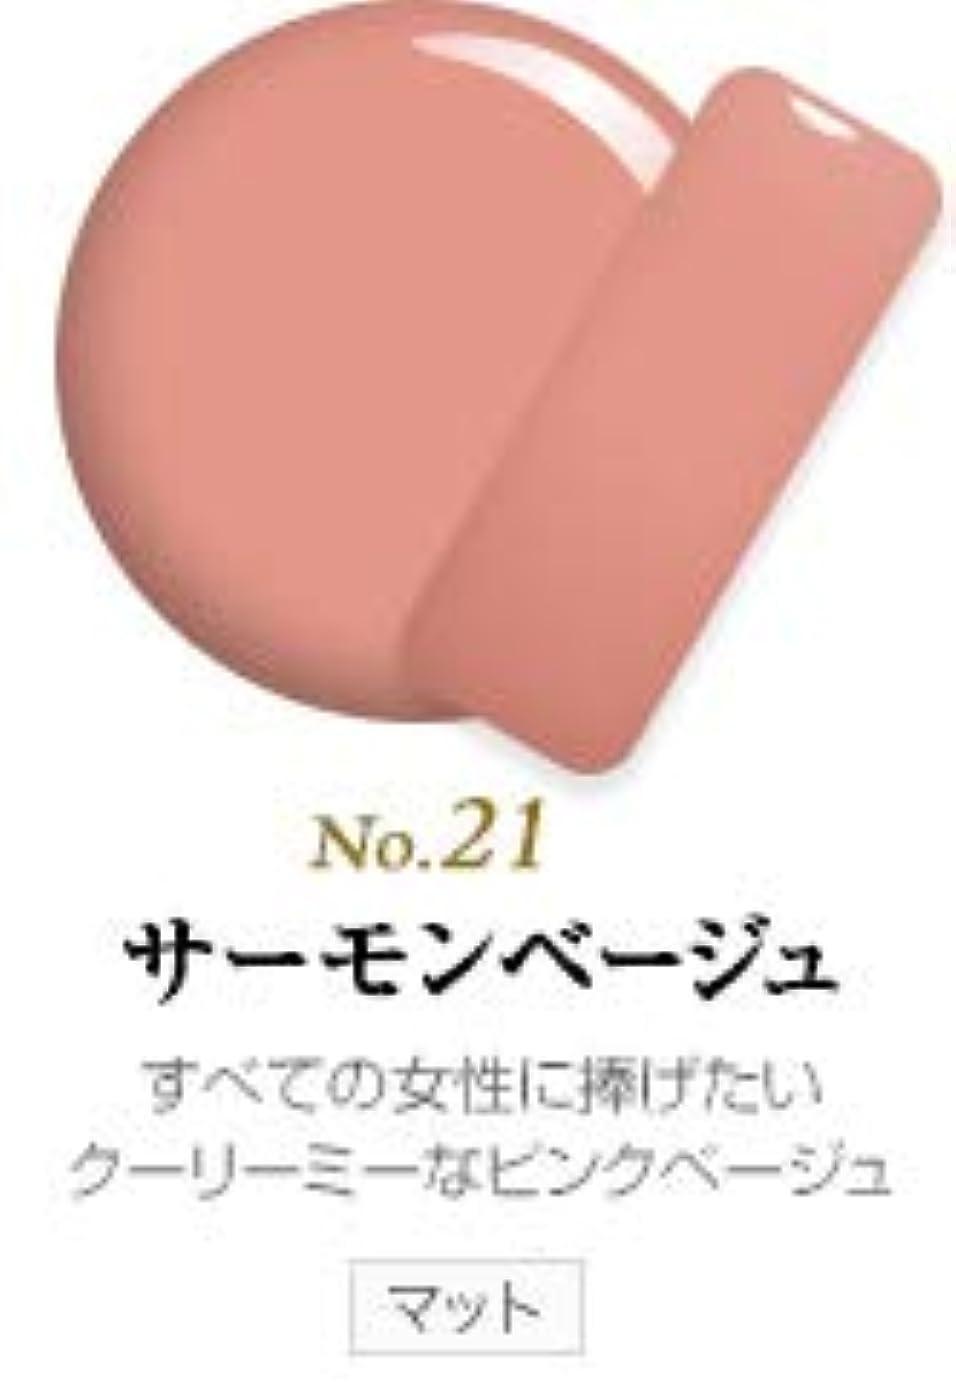 反対するきちんとした軽蔑発色抜群 削らなくてもオフが出来る 新グレースジェルカラーNo.11~No.209 (サーモンベージュ)